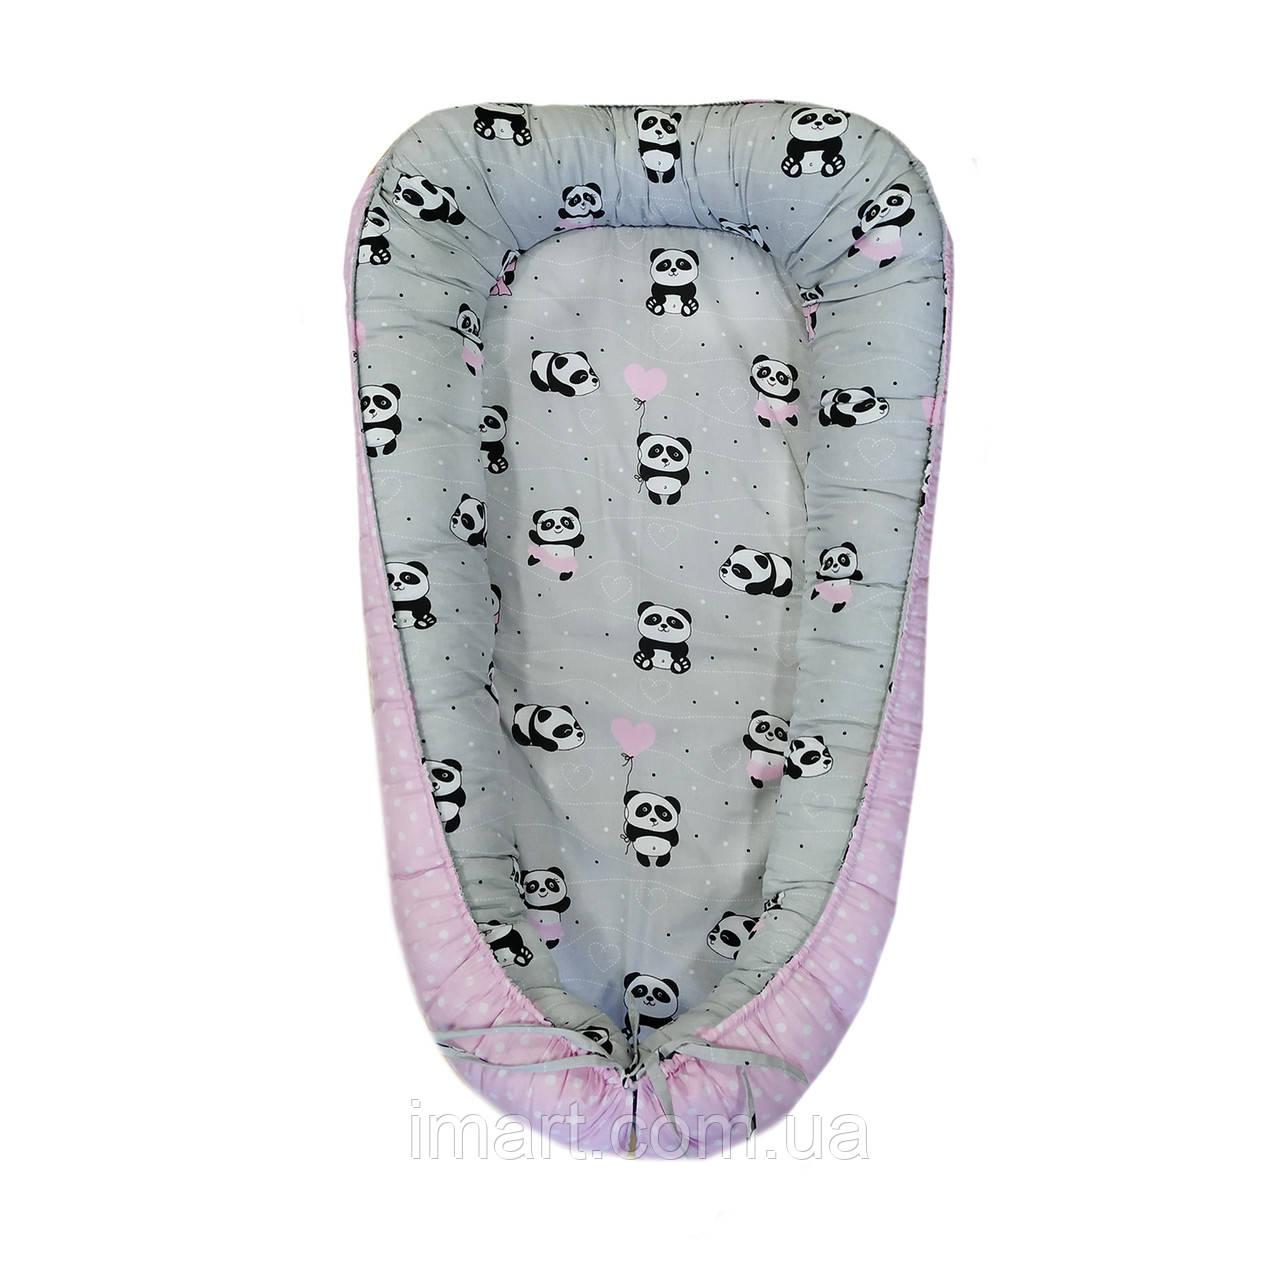 """Кокон-гнездышко для новорожденных, позиционер двухсторонний """"Панды с розовым шарфом"""""""